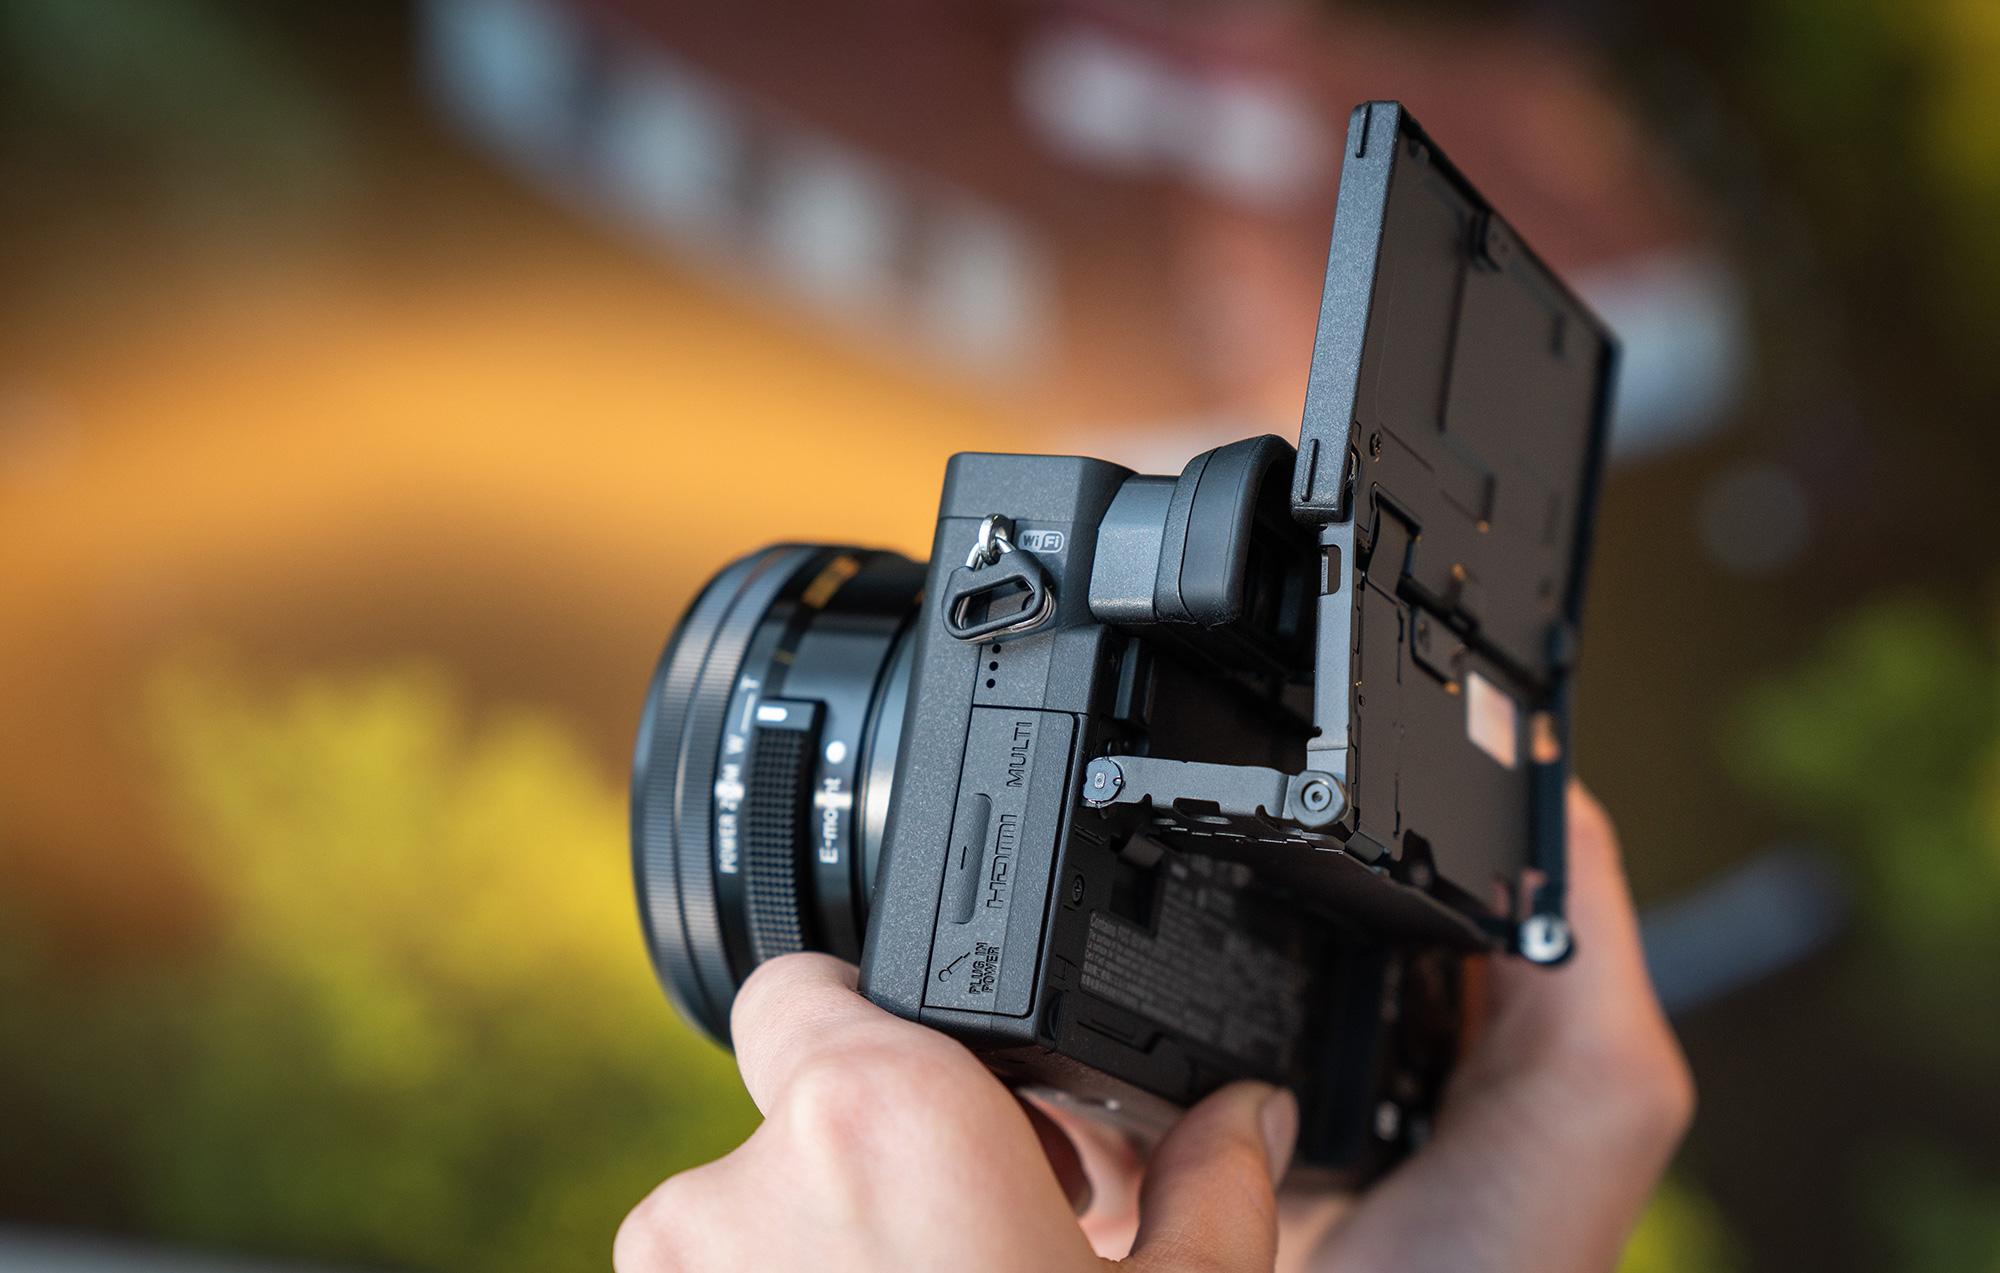 bf4a01d8ffe Sony A6400 on kohal. Just täna, mõned tunnid tagasi jõudis Photopointi  pealattu esimene piiratud koguses saaadetis neid Sony poolt paar nädalat  tagasi ...